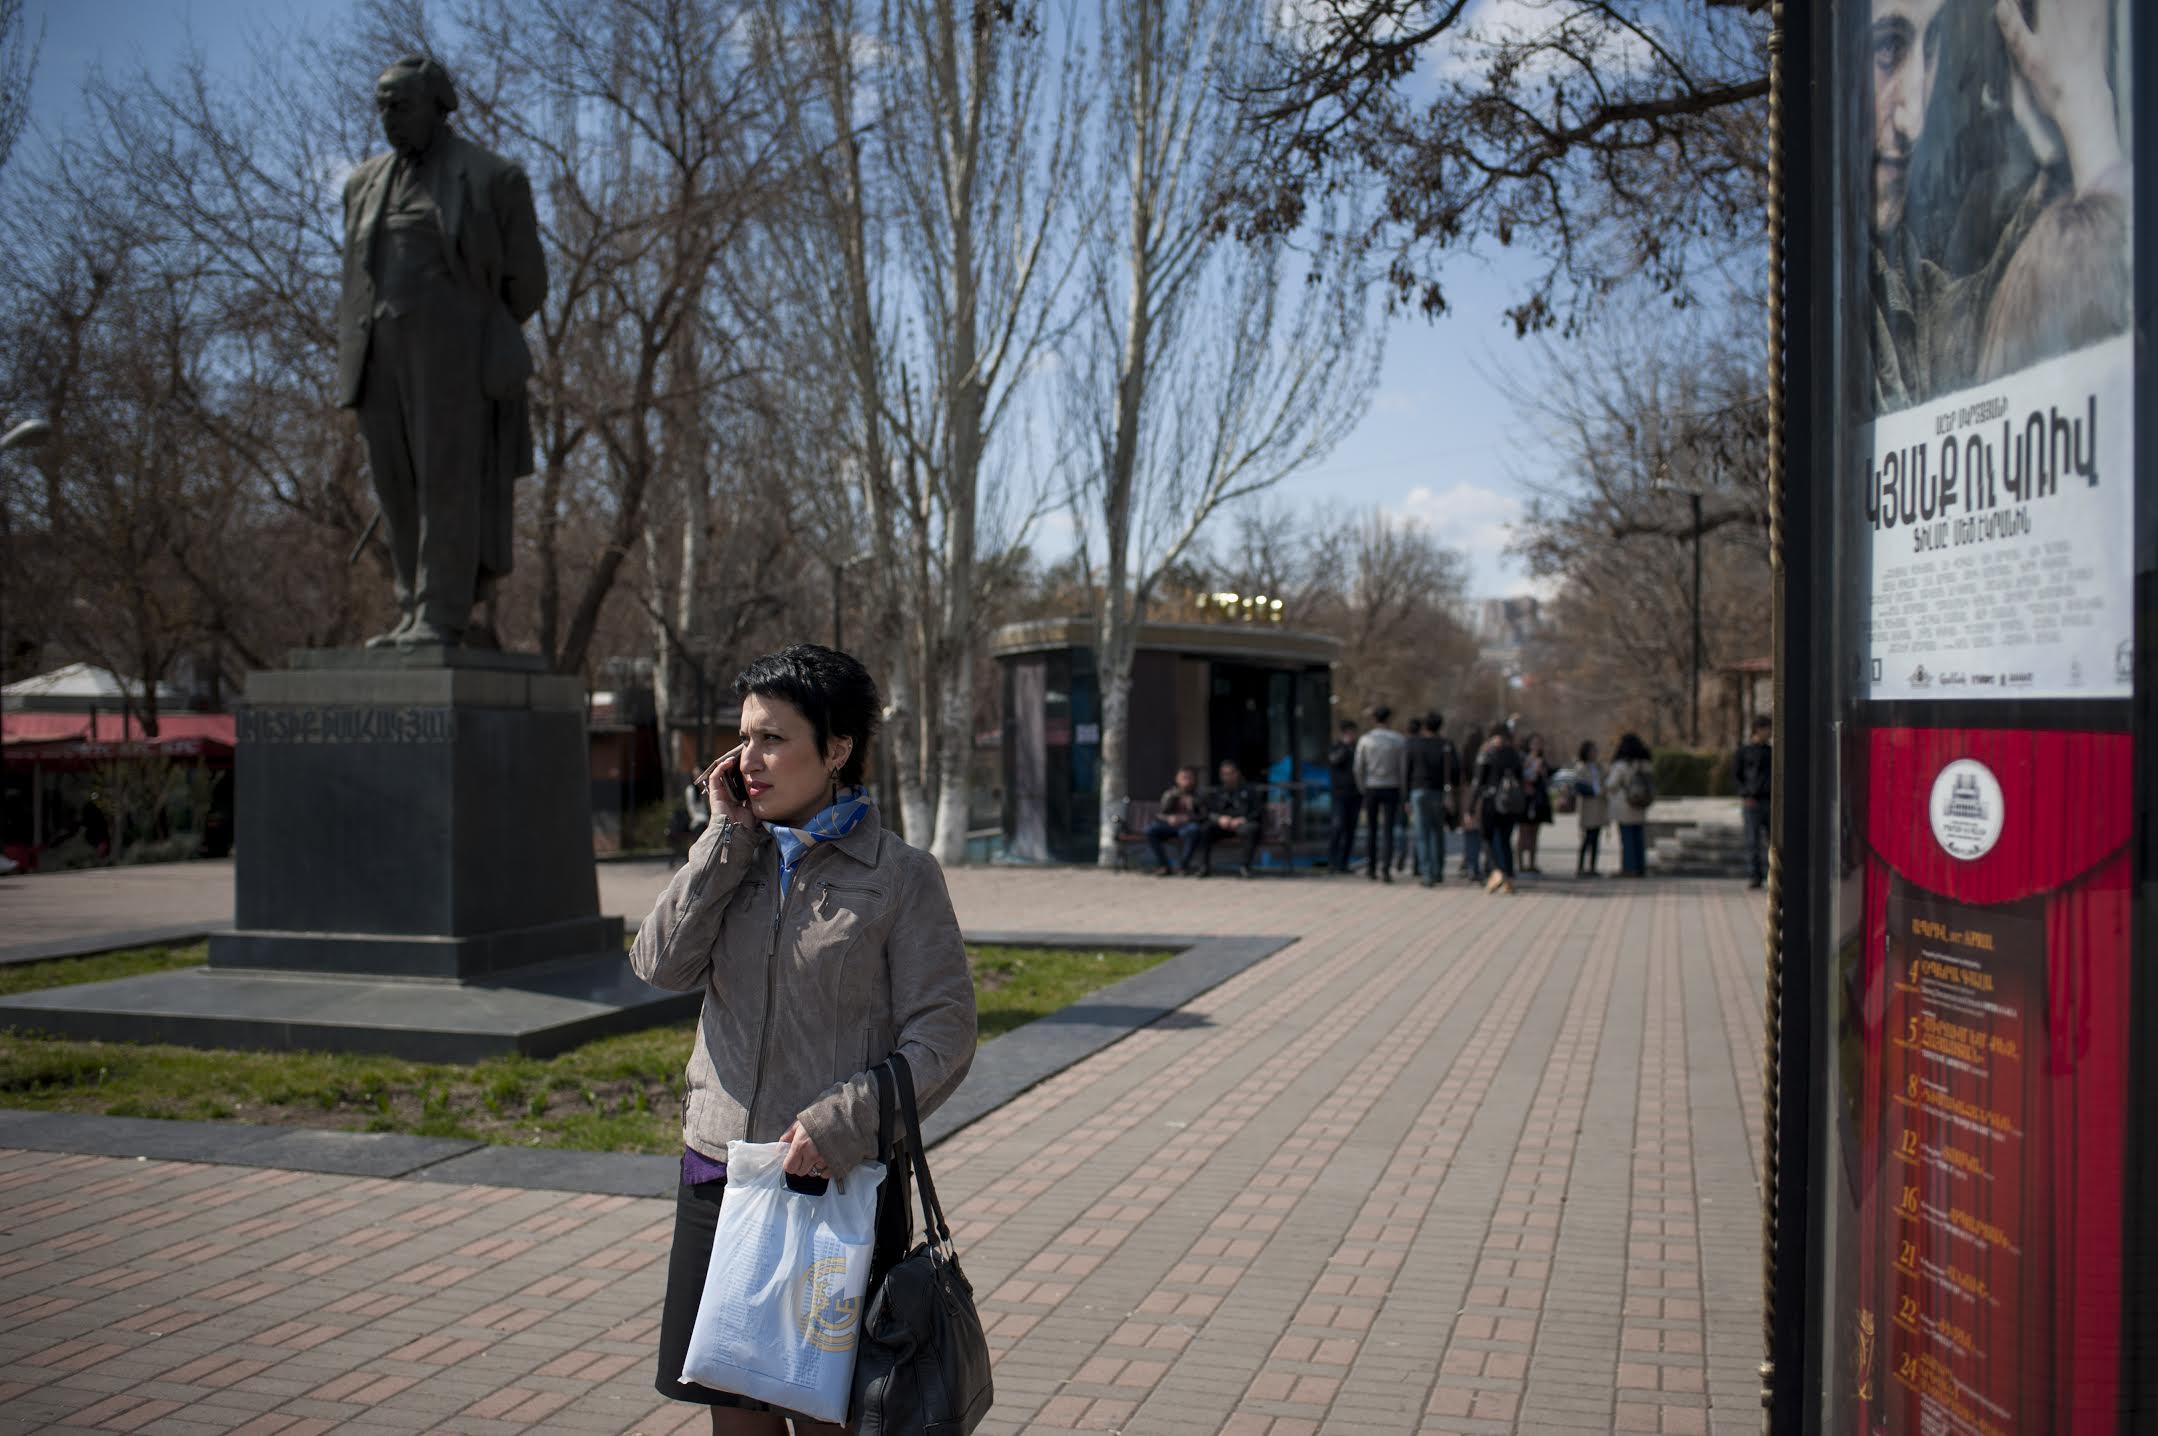 По понедельникам у 37-летний Тагуи Мансурян выходной, который она посвящает домашним заботам или юридическим вопросам.(Nazik Armenakyan)